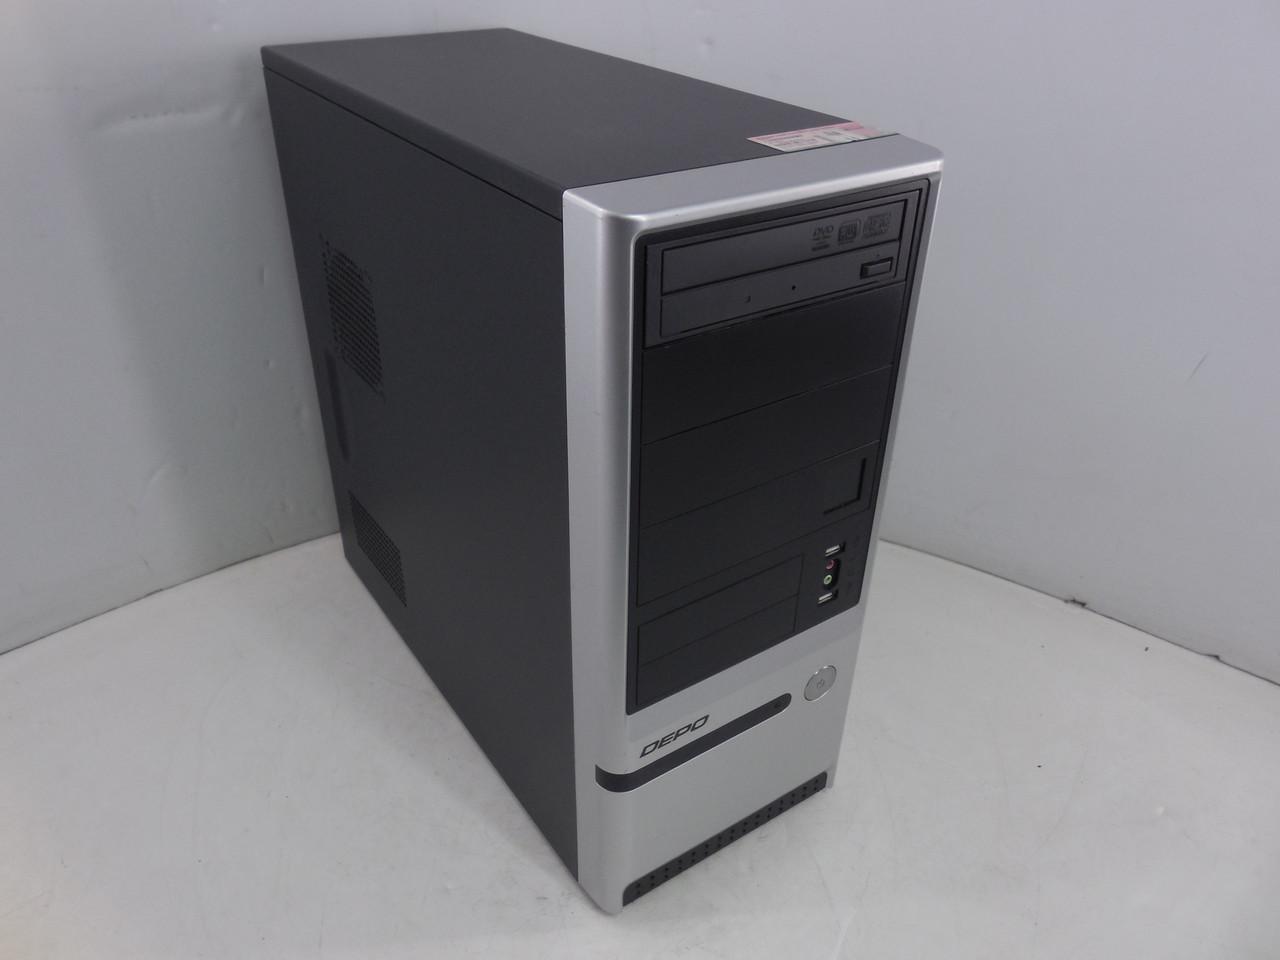 Системный блок, компьютер, Intel Core i3 2120, 4 ядра по 3,2 ГГц, 8 Гб ОЗУ DDR-3, HDD 250 Гб, видео 1 Гб